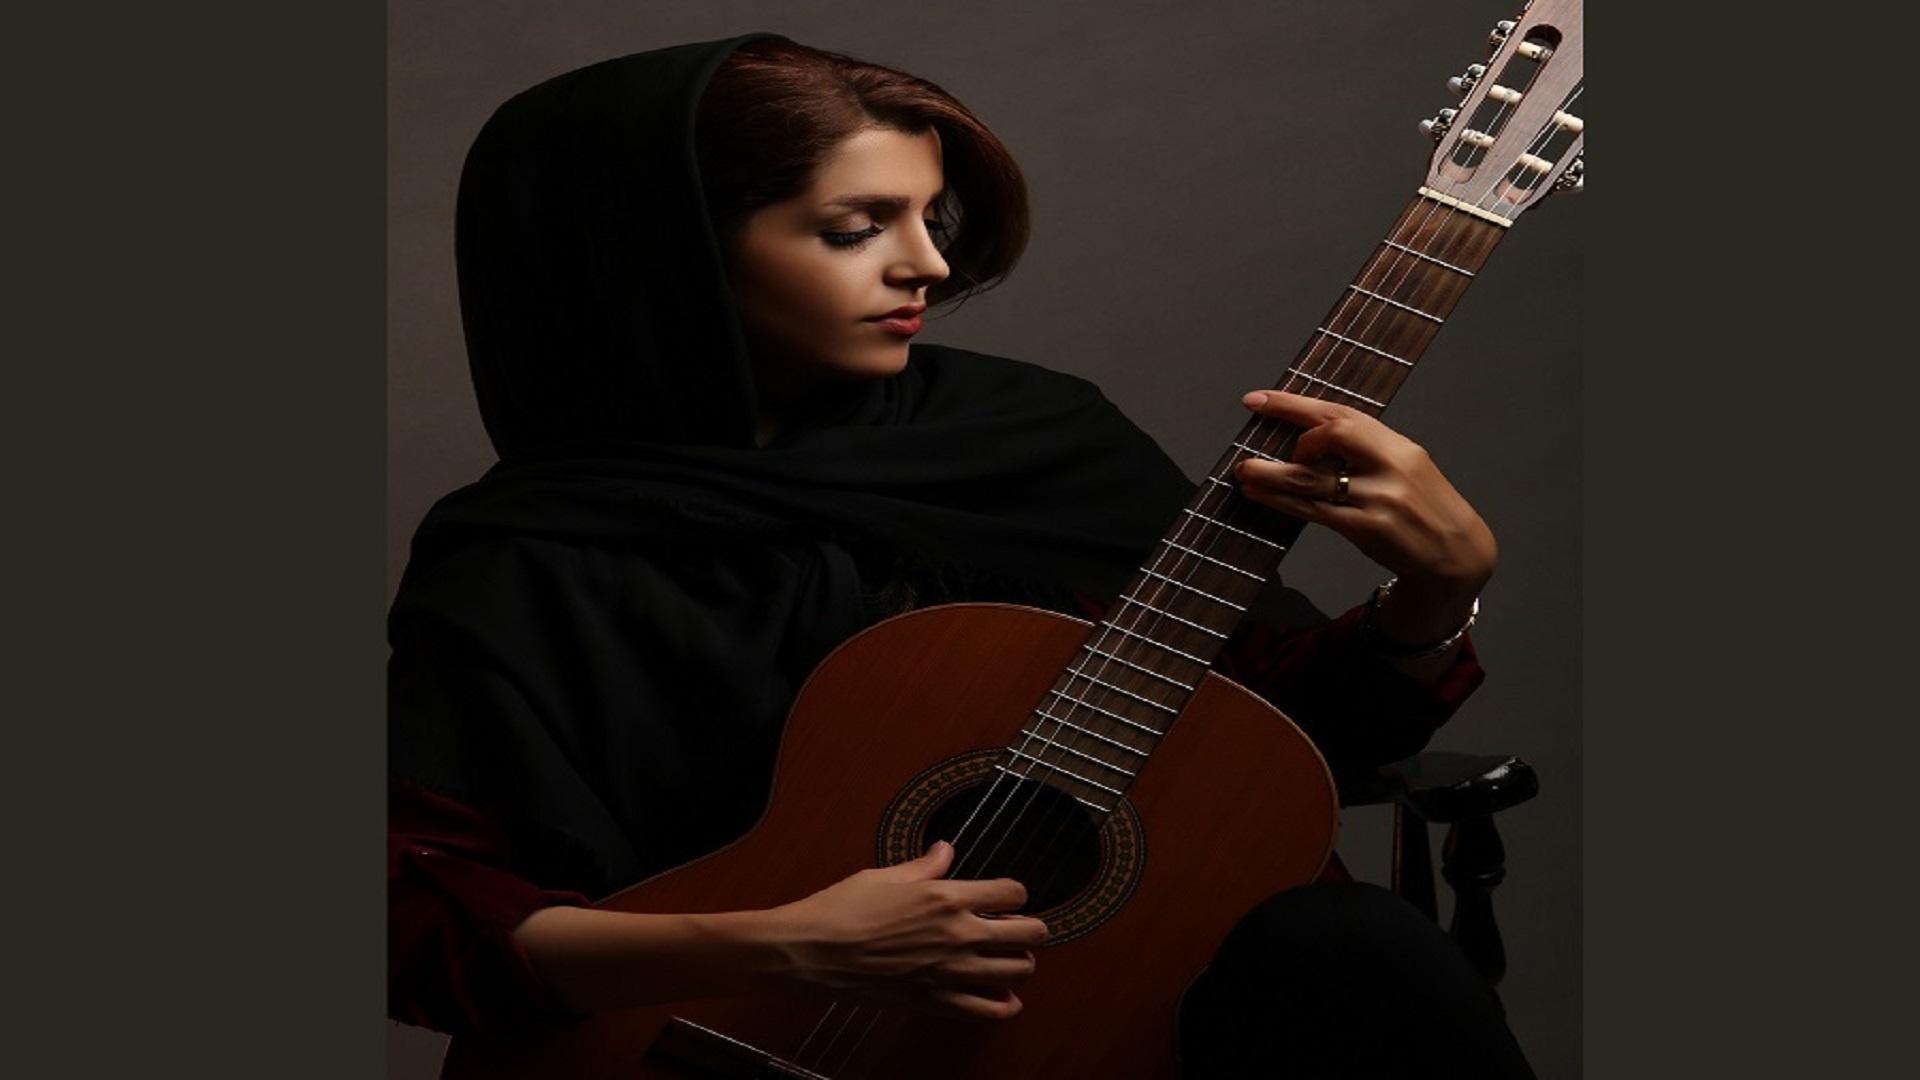 سیما محمودی مدرس اوای گیتار